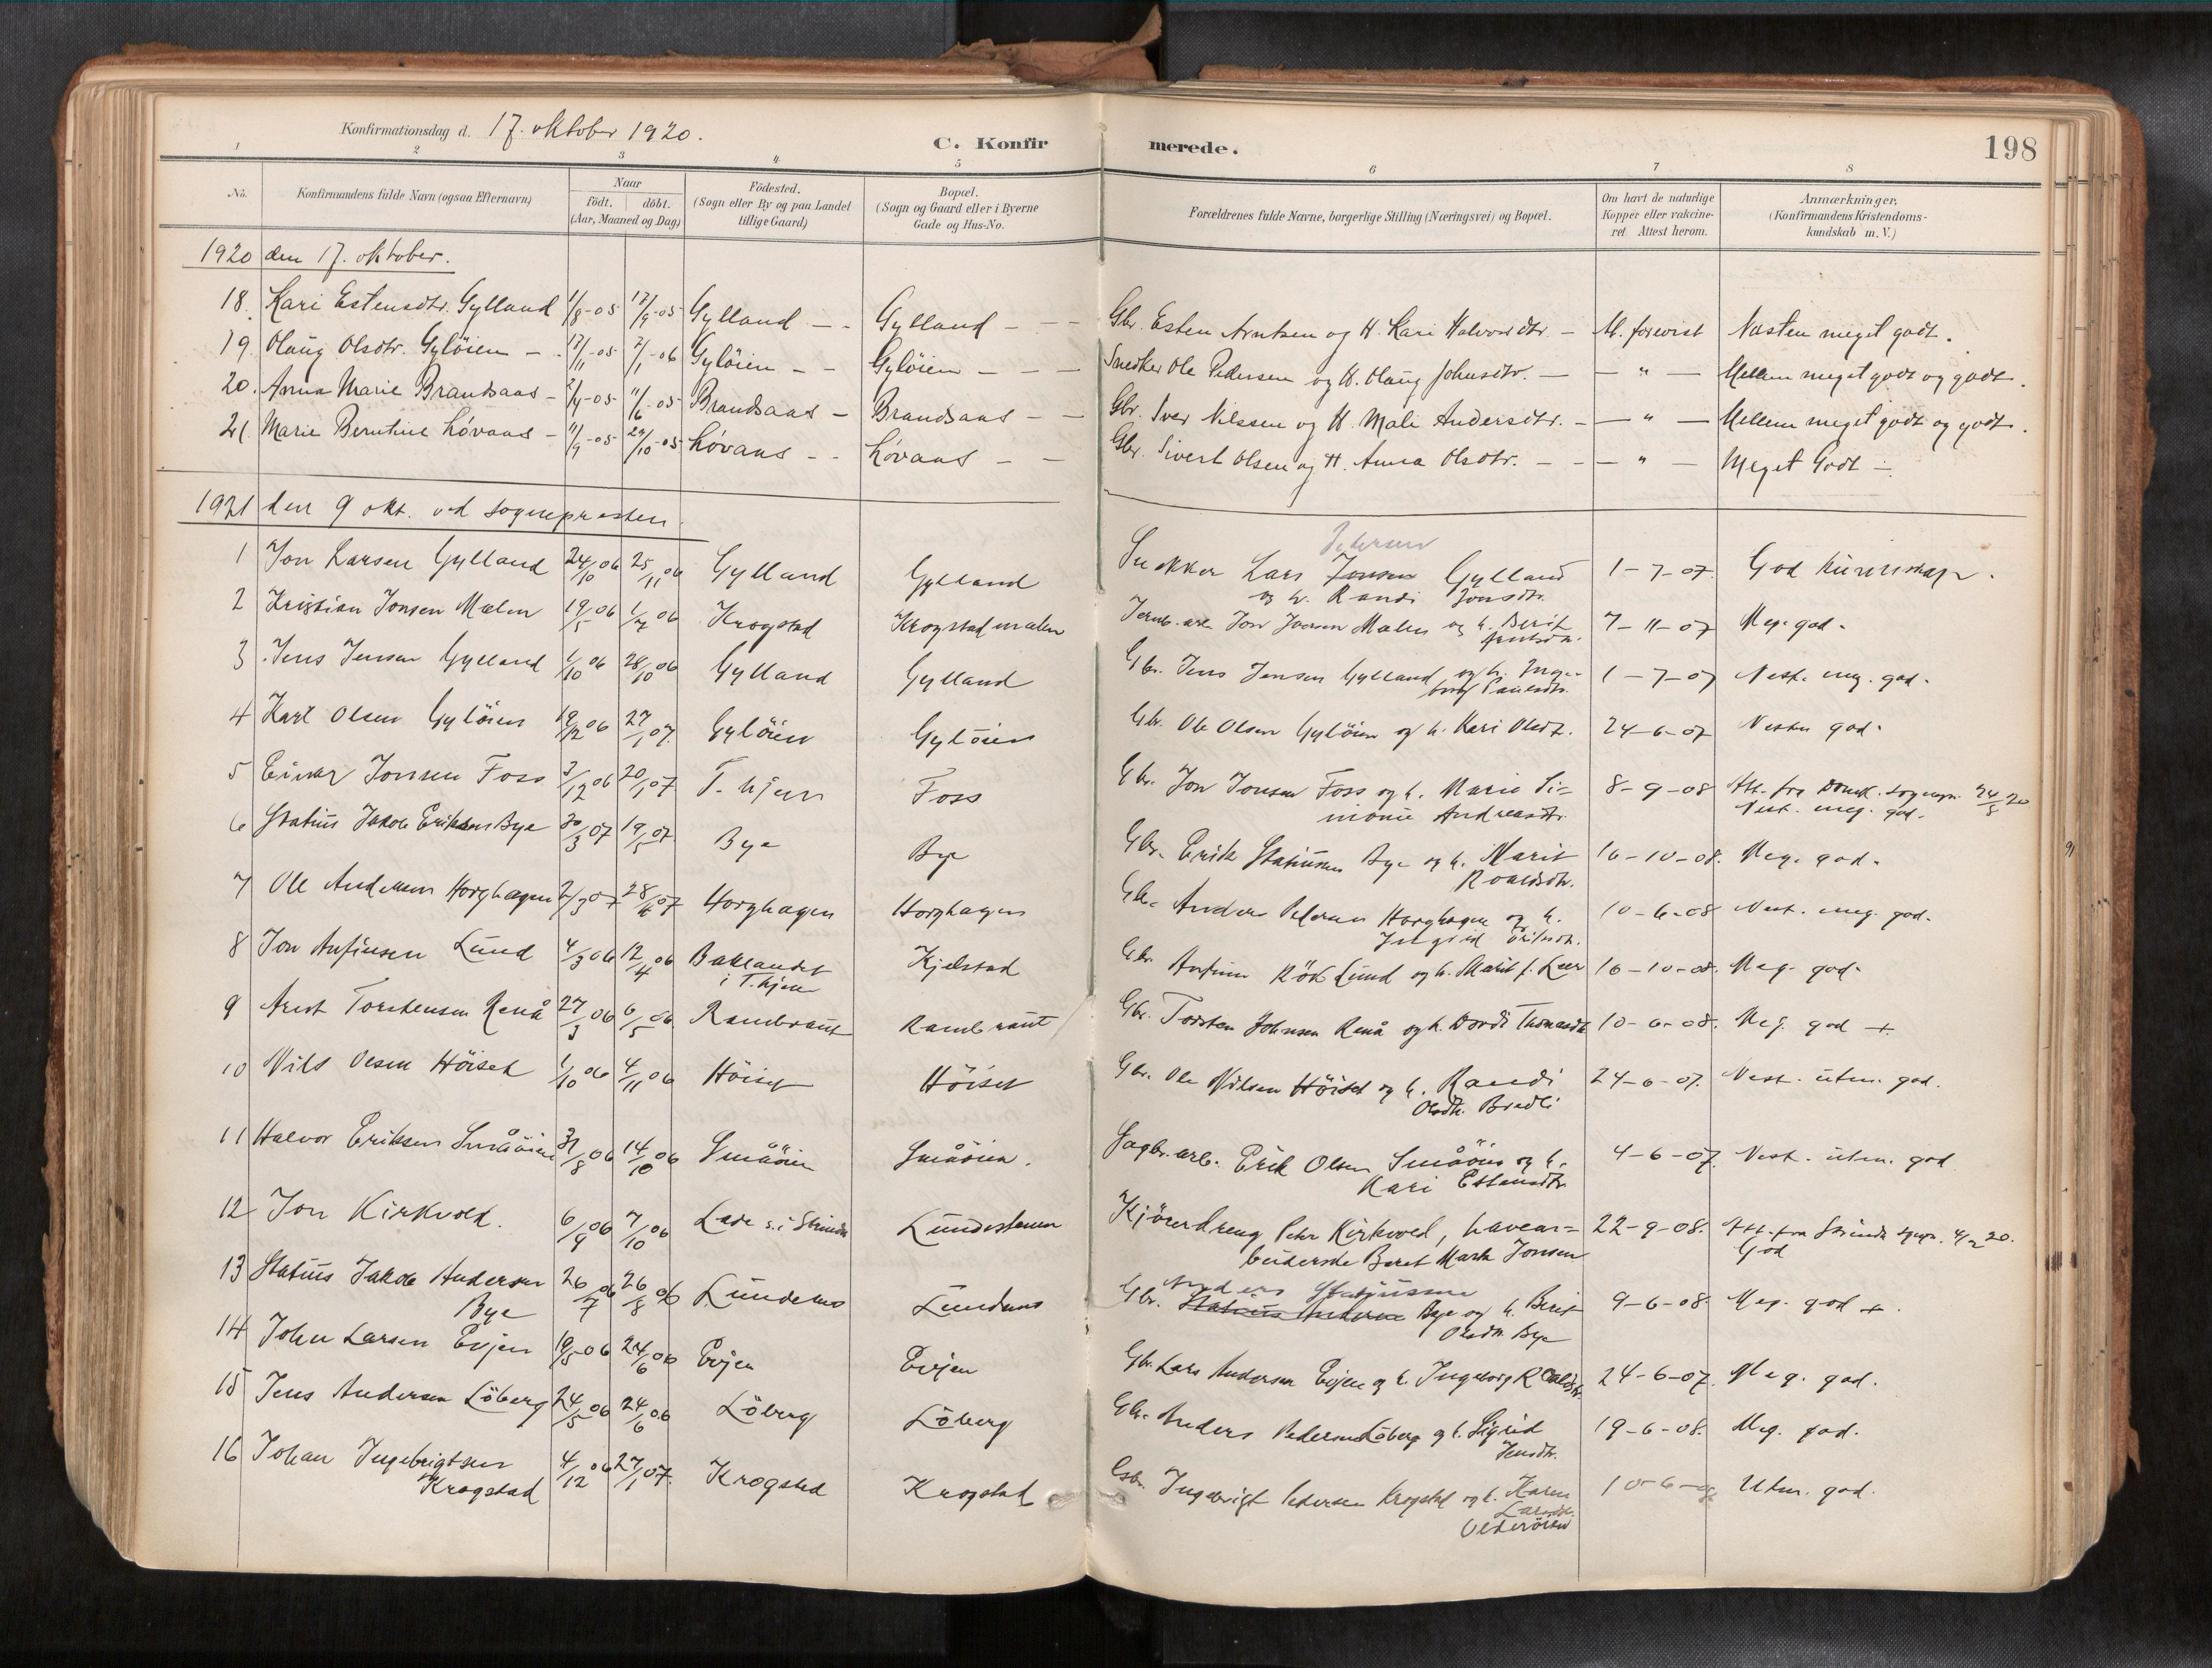 SAT, Ministerialprotokoller, klokkerbøker og fødselsregistre - Sør-Trøndelag, 692/L1105b: Ministerialbok nr. 692A06, 1891-1934, s. 198